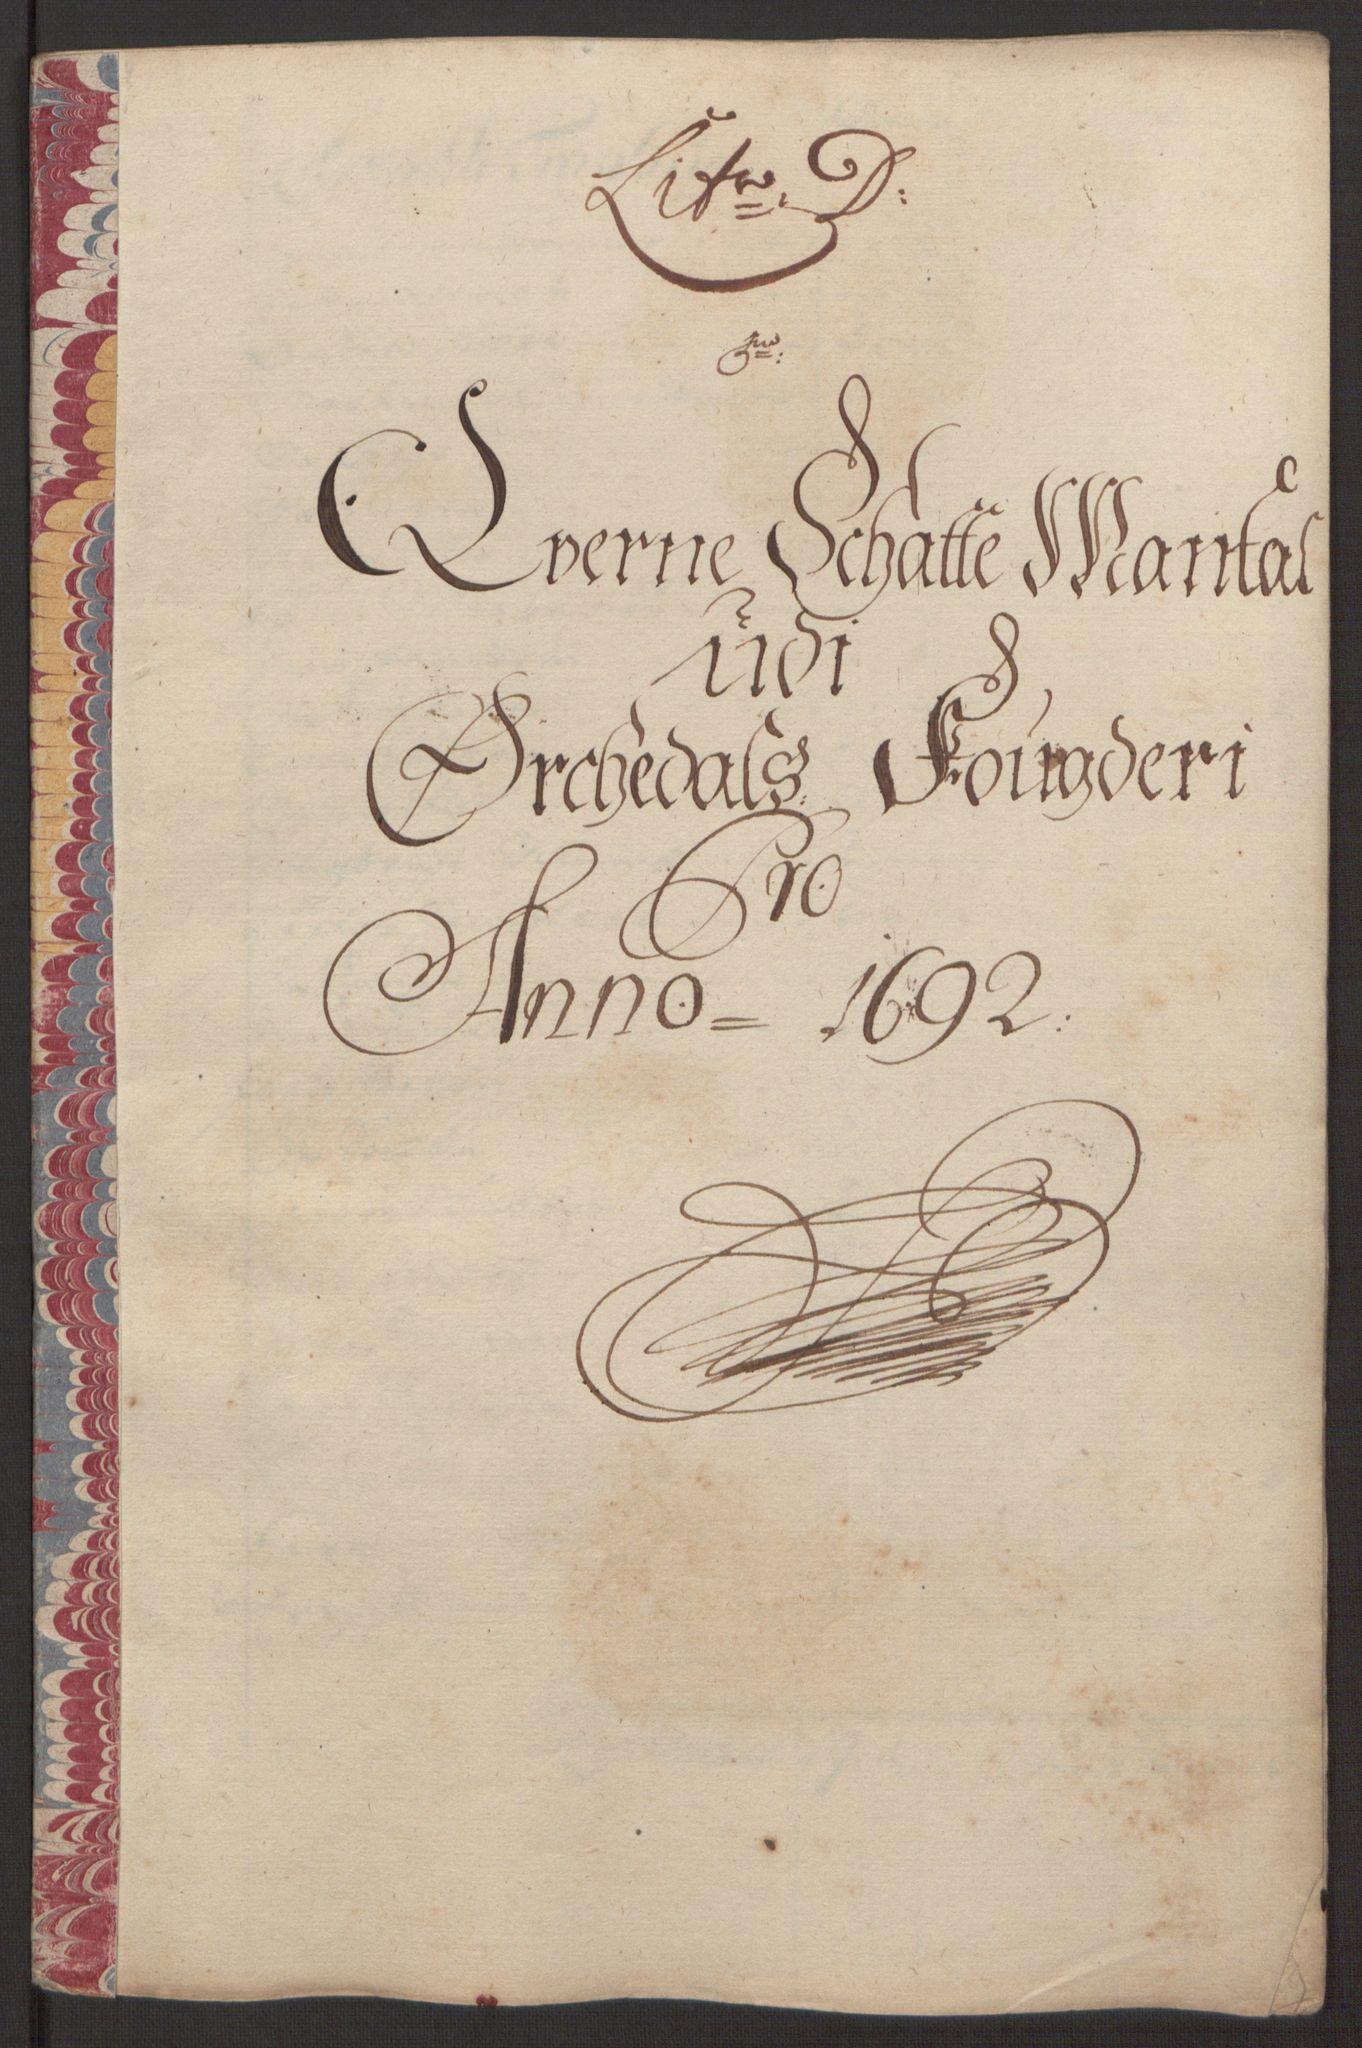 RA, Rentekammeret inntil 1814, Reviderte regnskaper, Fogderegnskap, R58/L3937: Fogderegnskap Orkdal, 1691-1692, s. 236